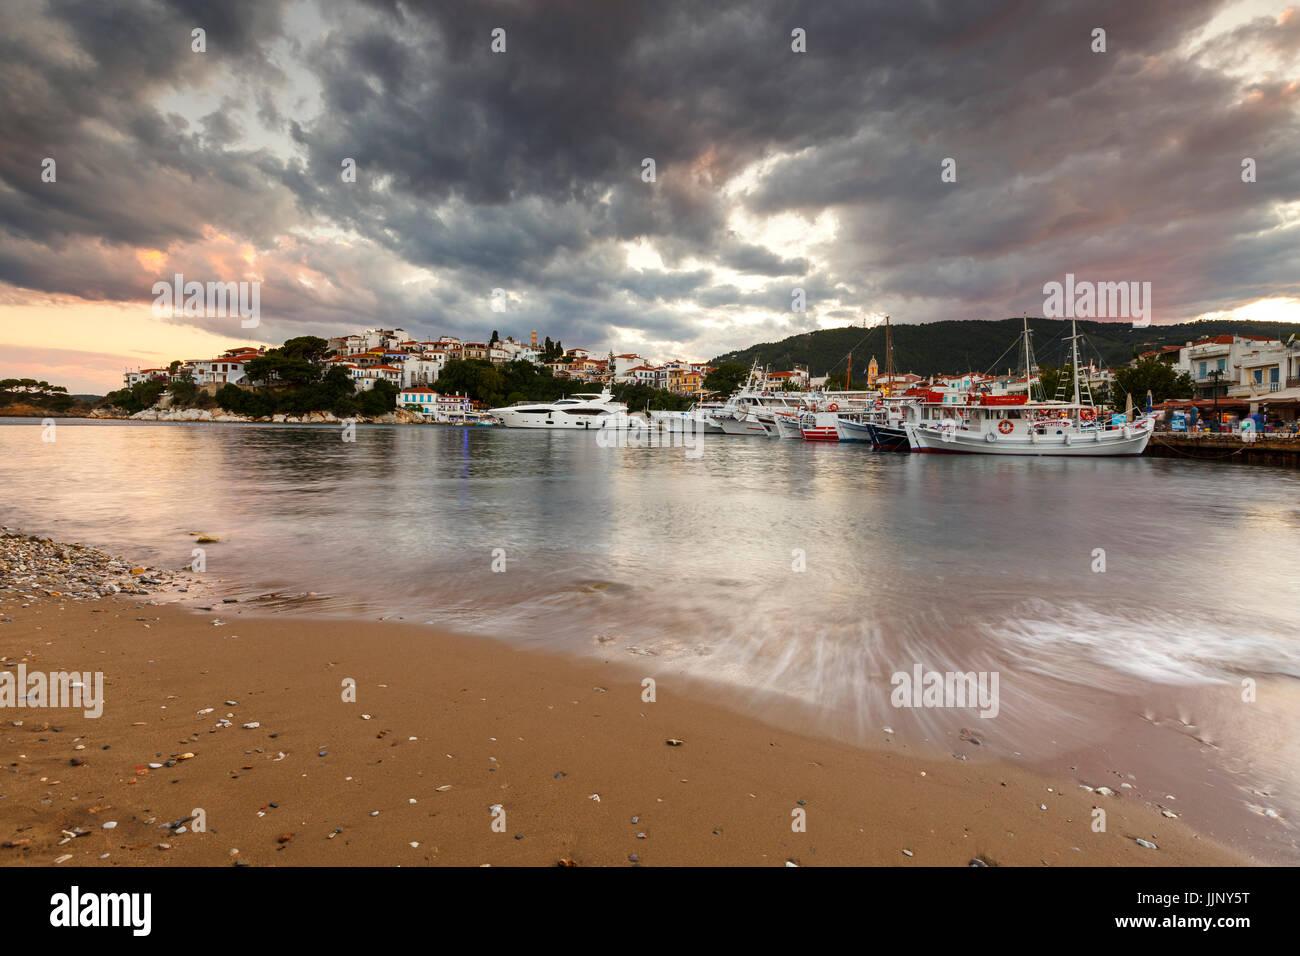 Vista del puerto por la noche en la isla de Skiathos, Grecia. Imagen De Stock